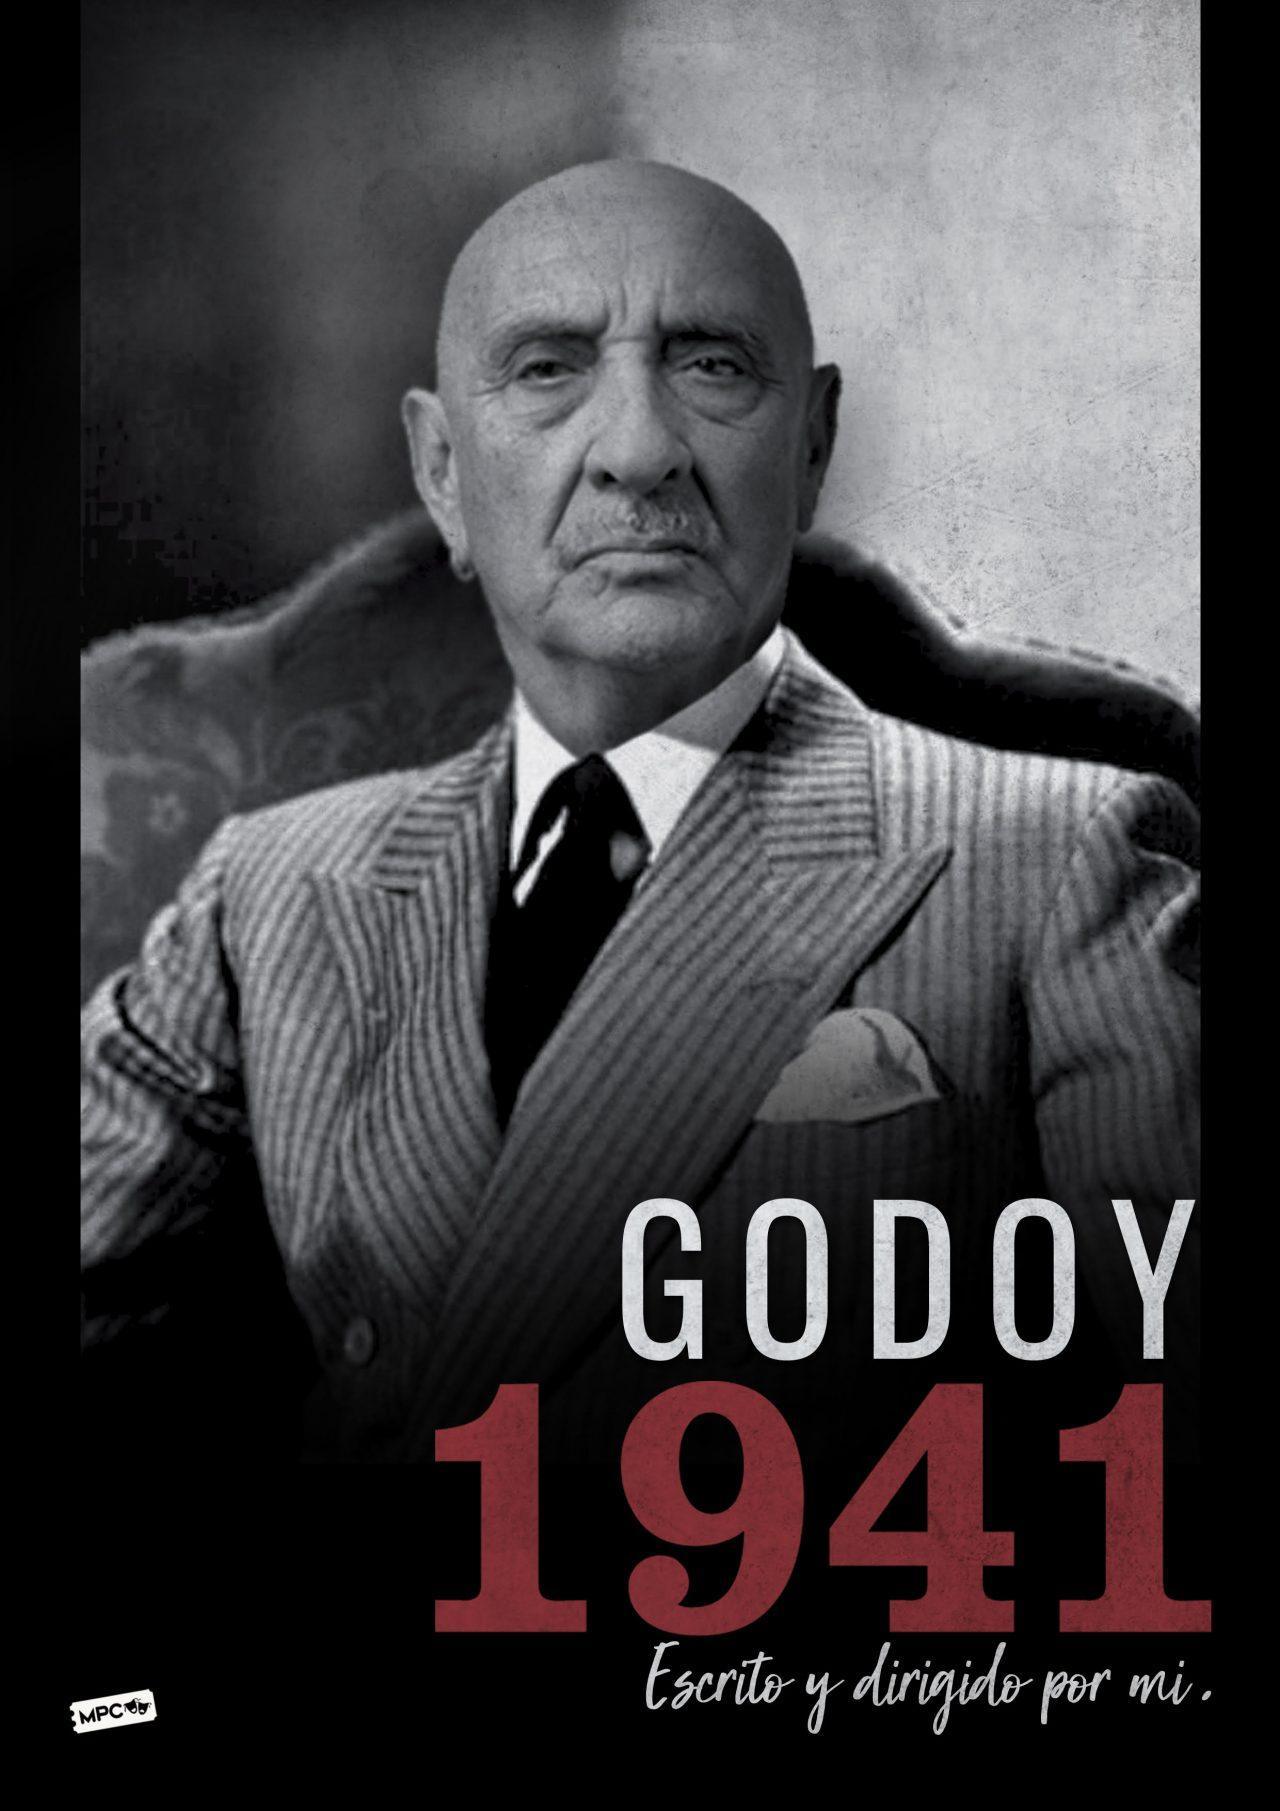 Godoy-1280x1811.jpg